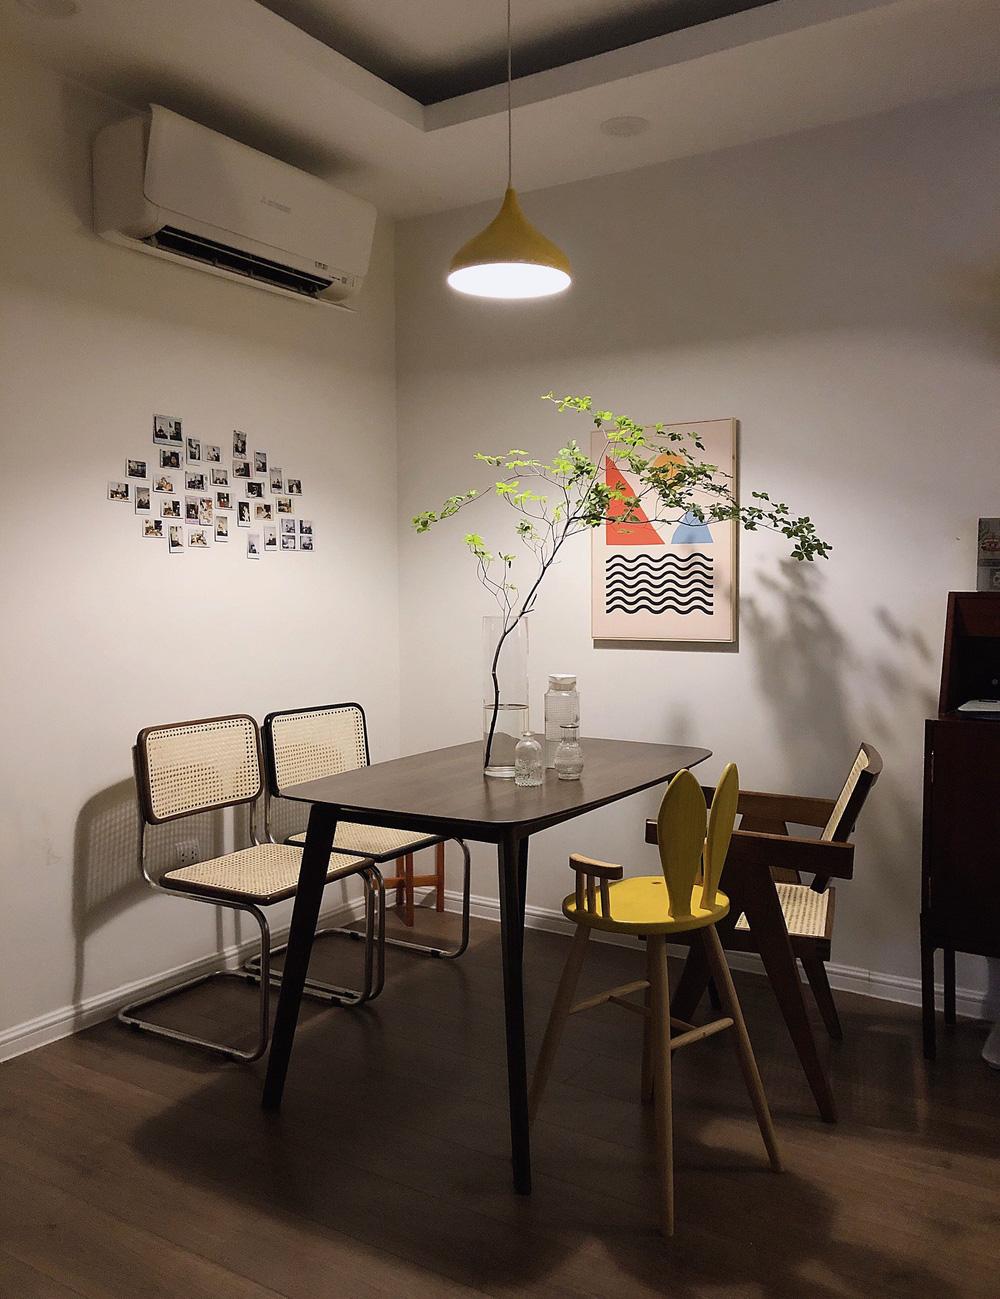 Căn hộ 76m2 với toàn đồ nội thất hàng tuyển: Combo đèn Caprani và ghế Poang vừa chill vừa art - Ảnh 10.